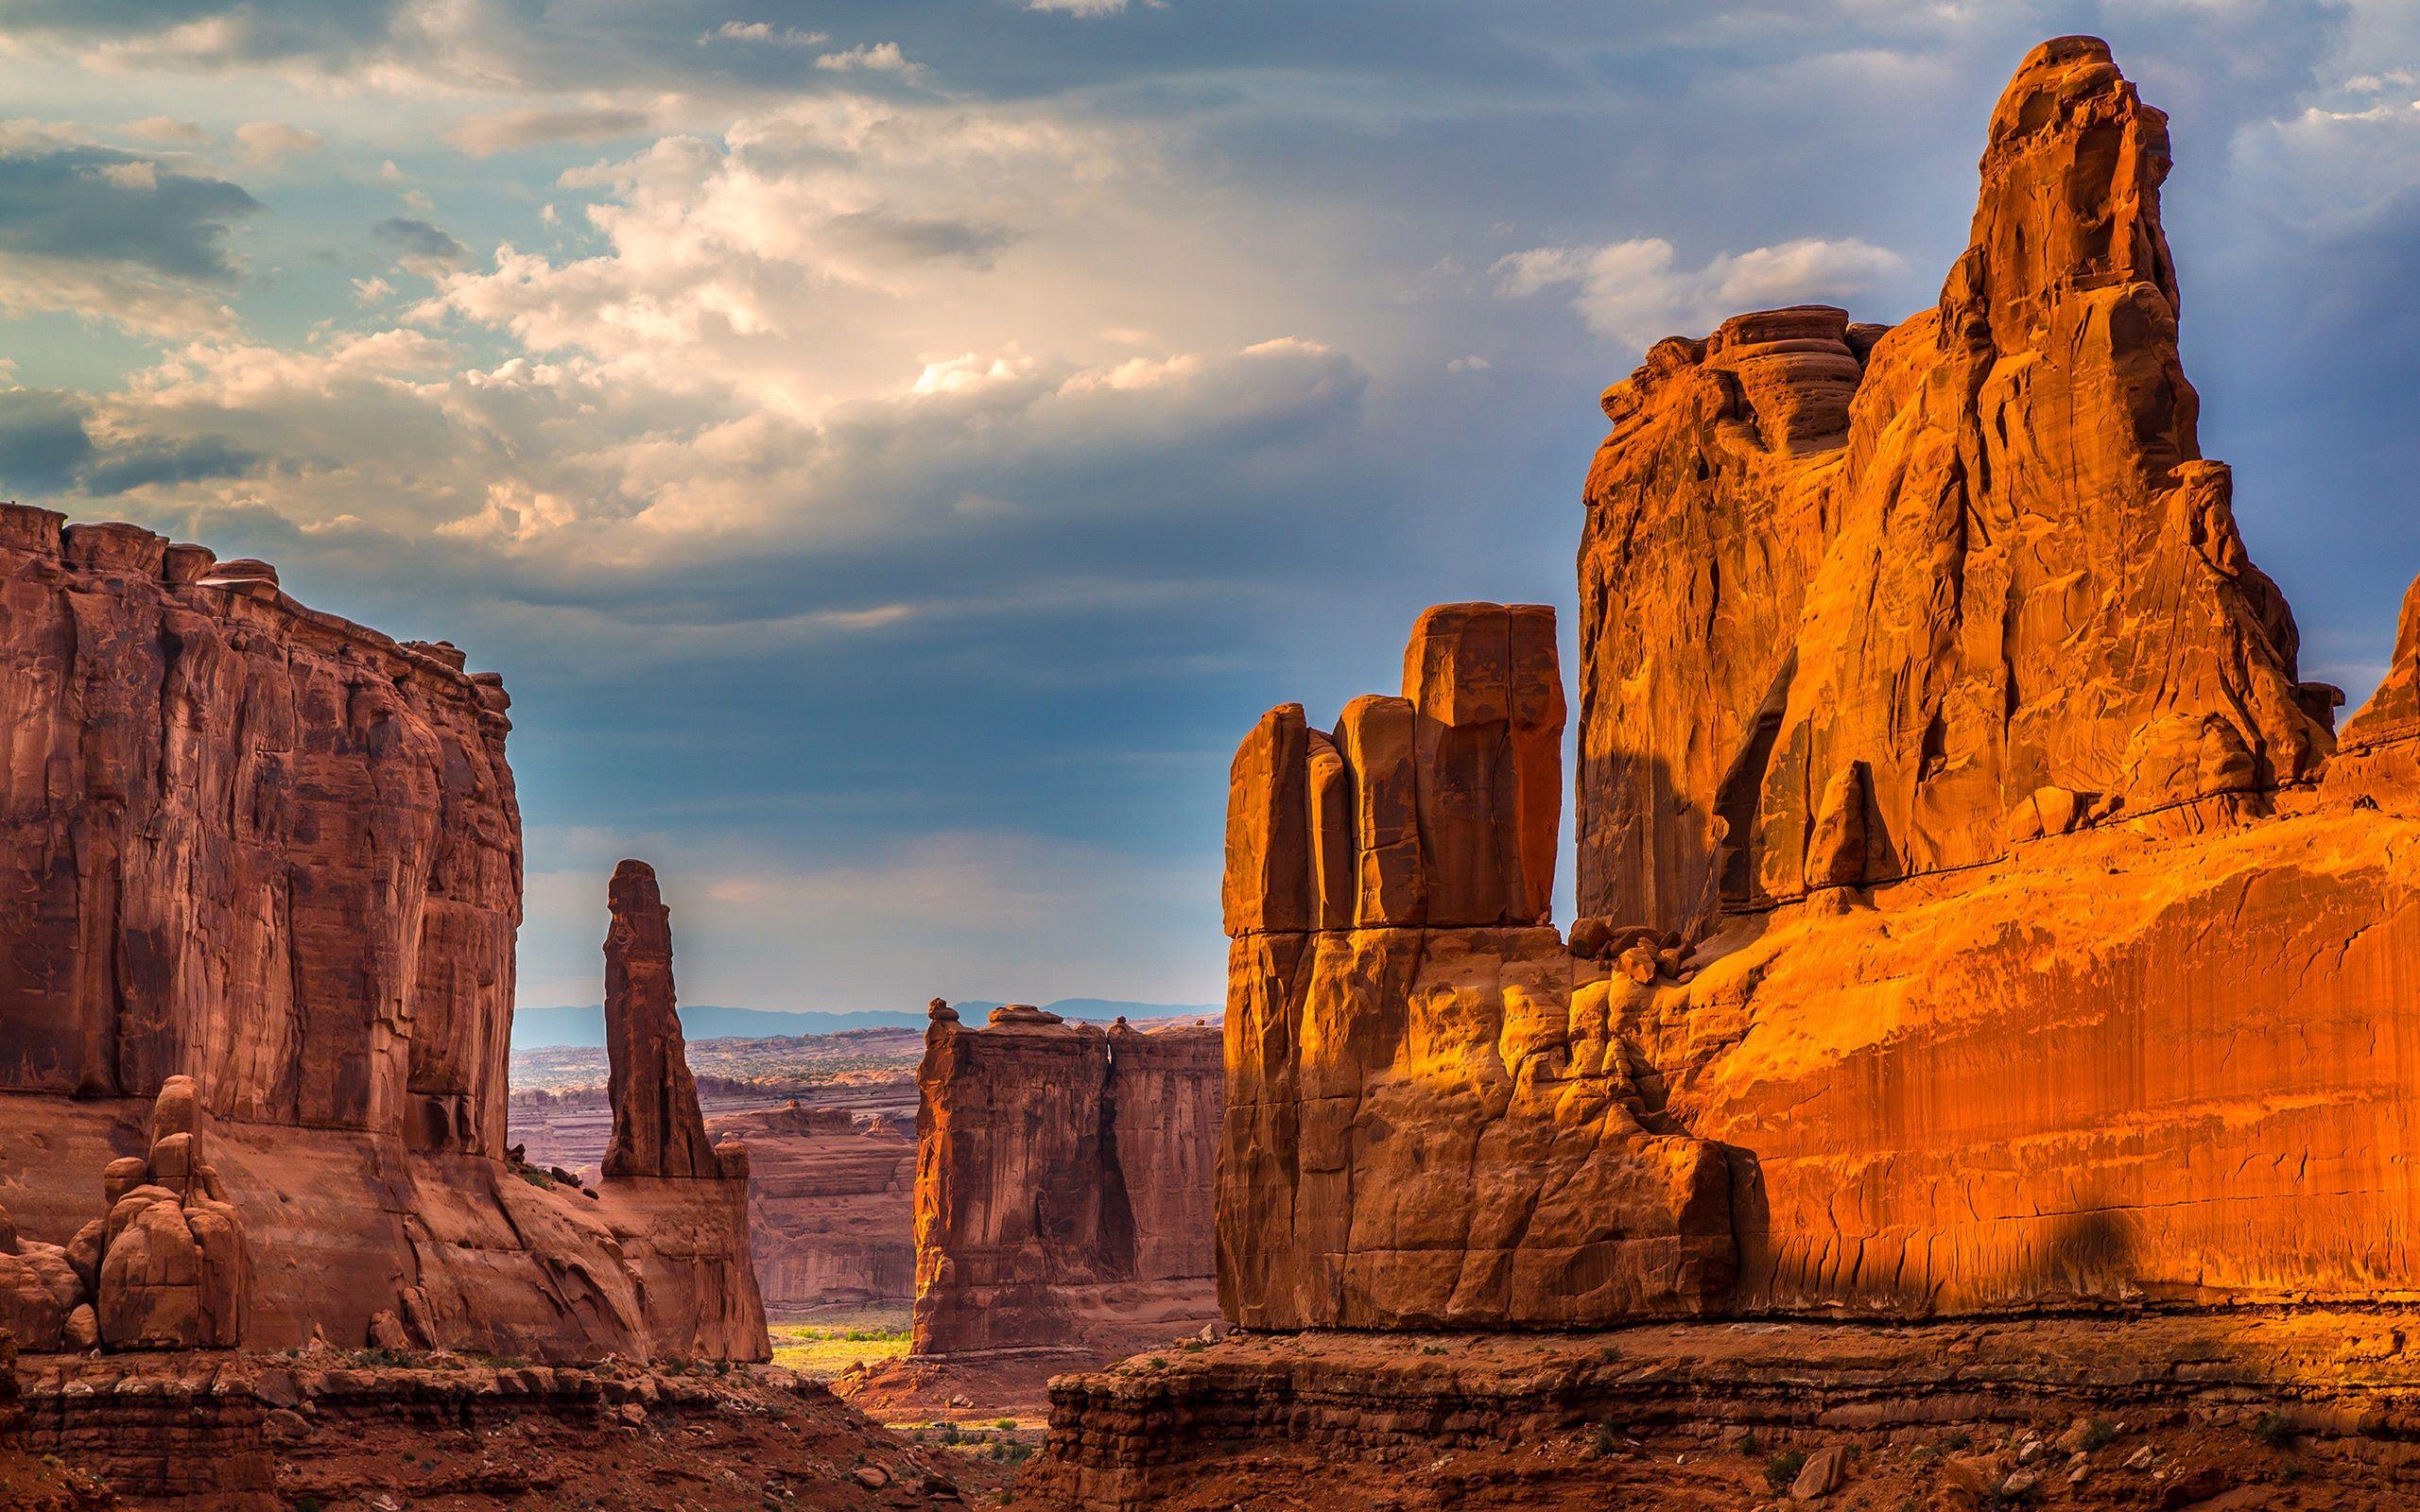 Nature Falaises Canyon Roches Desert Ciel Nuages Fonds D Ecran 2560x1600 Arches Park National Parks Utah National Parks